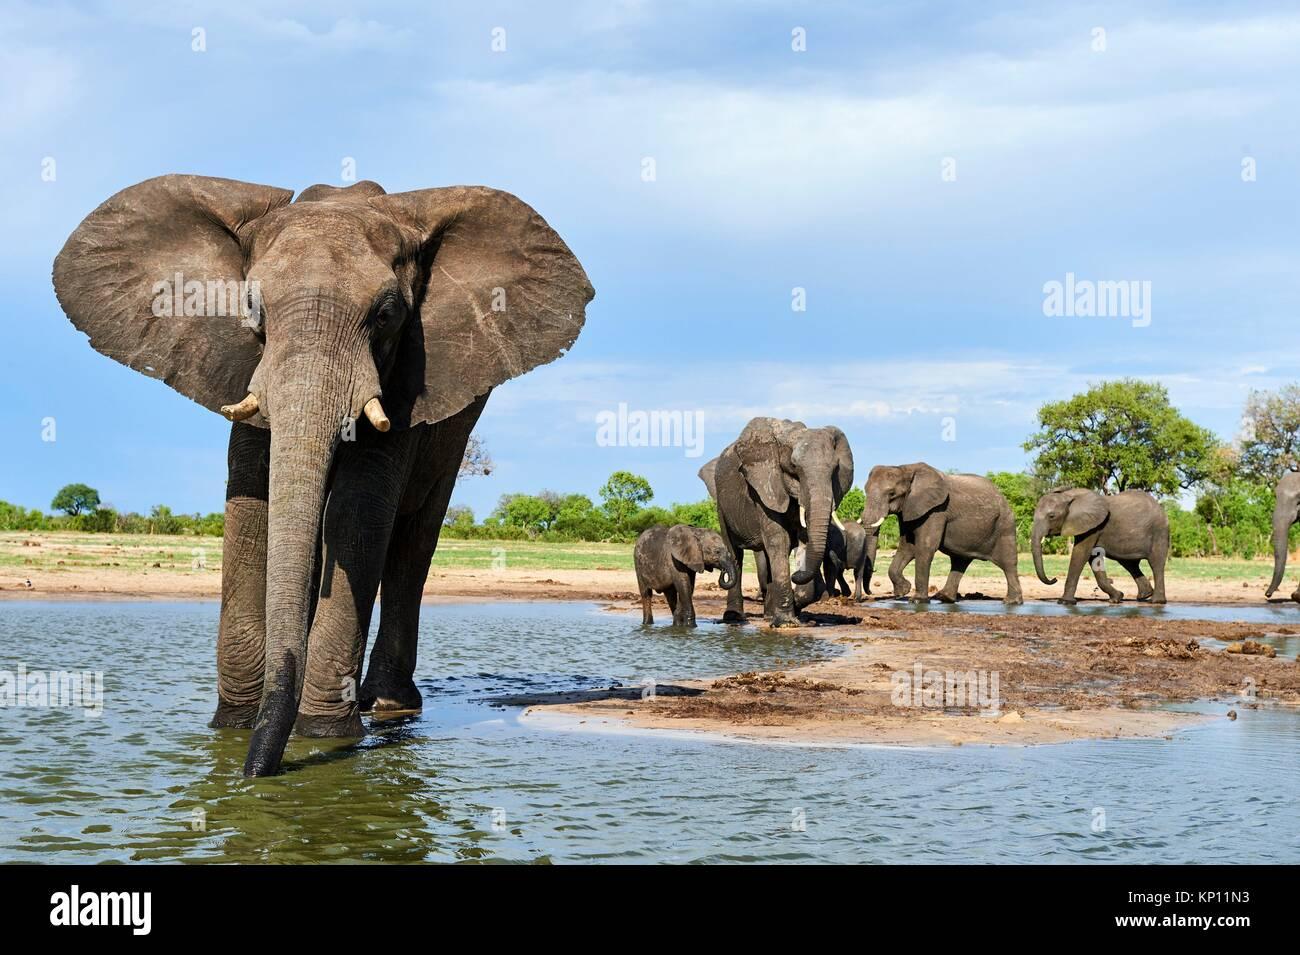 Groupe d'éléphants d'Afrique (Loxodonta africana) de l'alcool à un watehole. Le parc Photo Stock